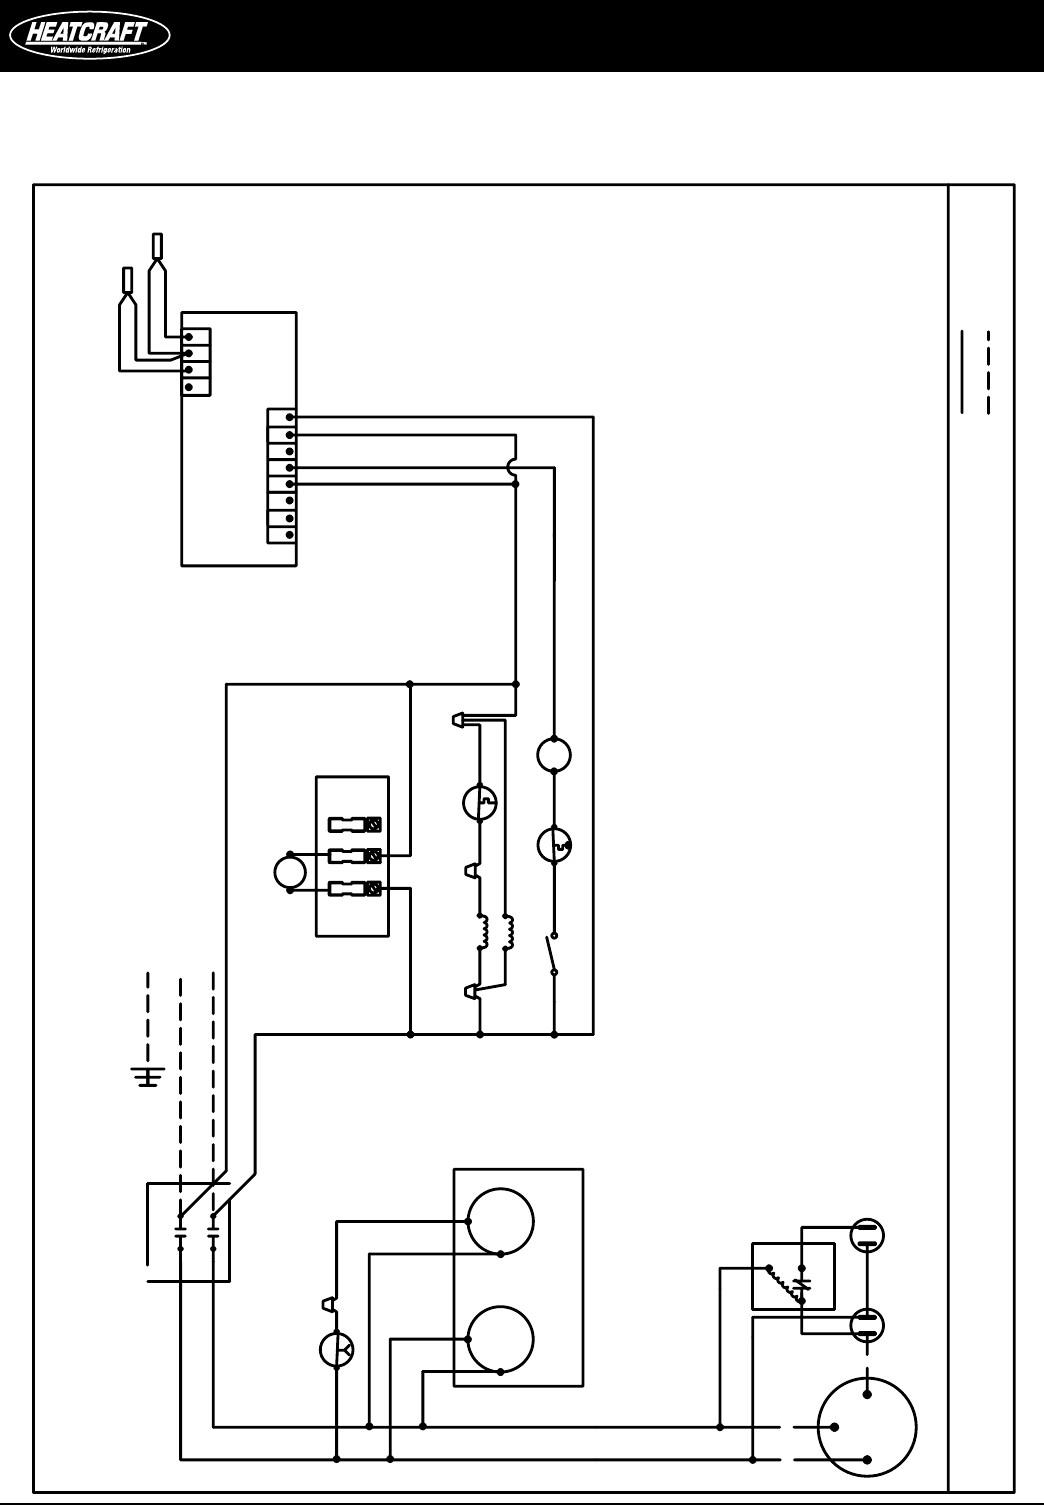 Heatcraft Freezer Wiring Diagram